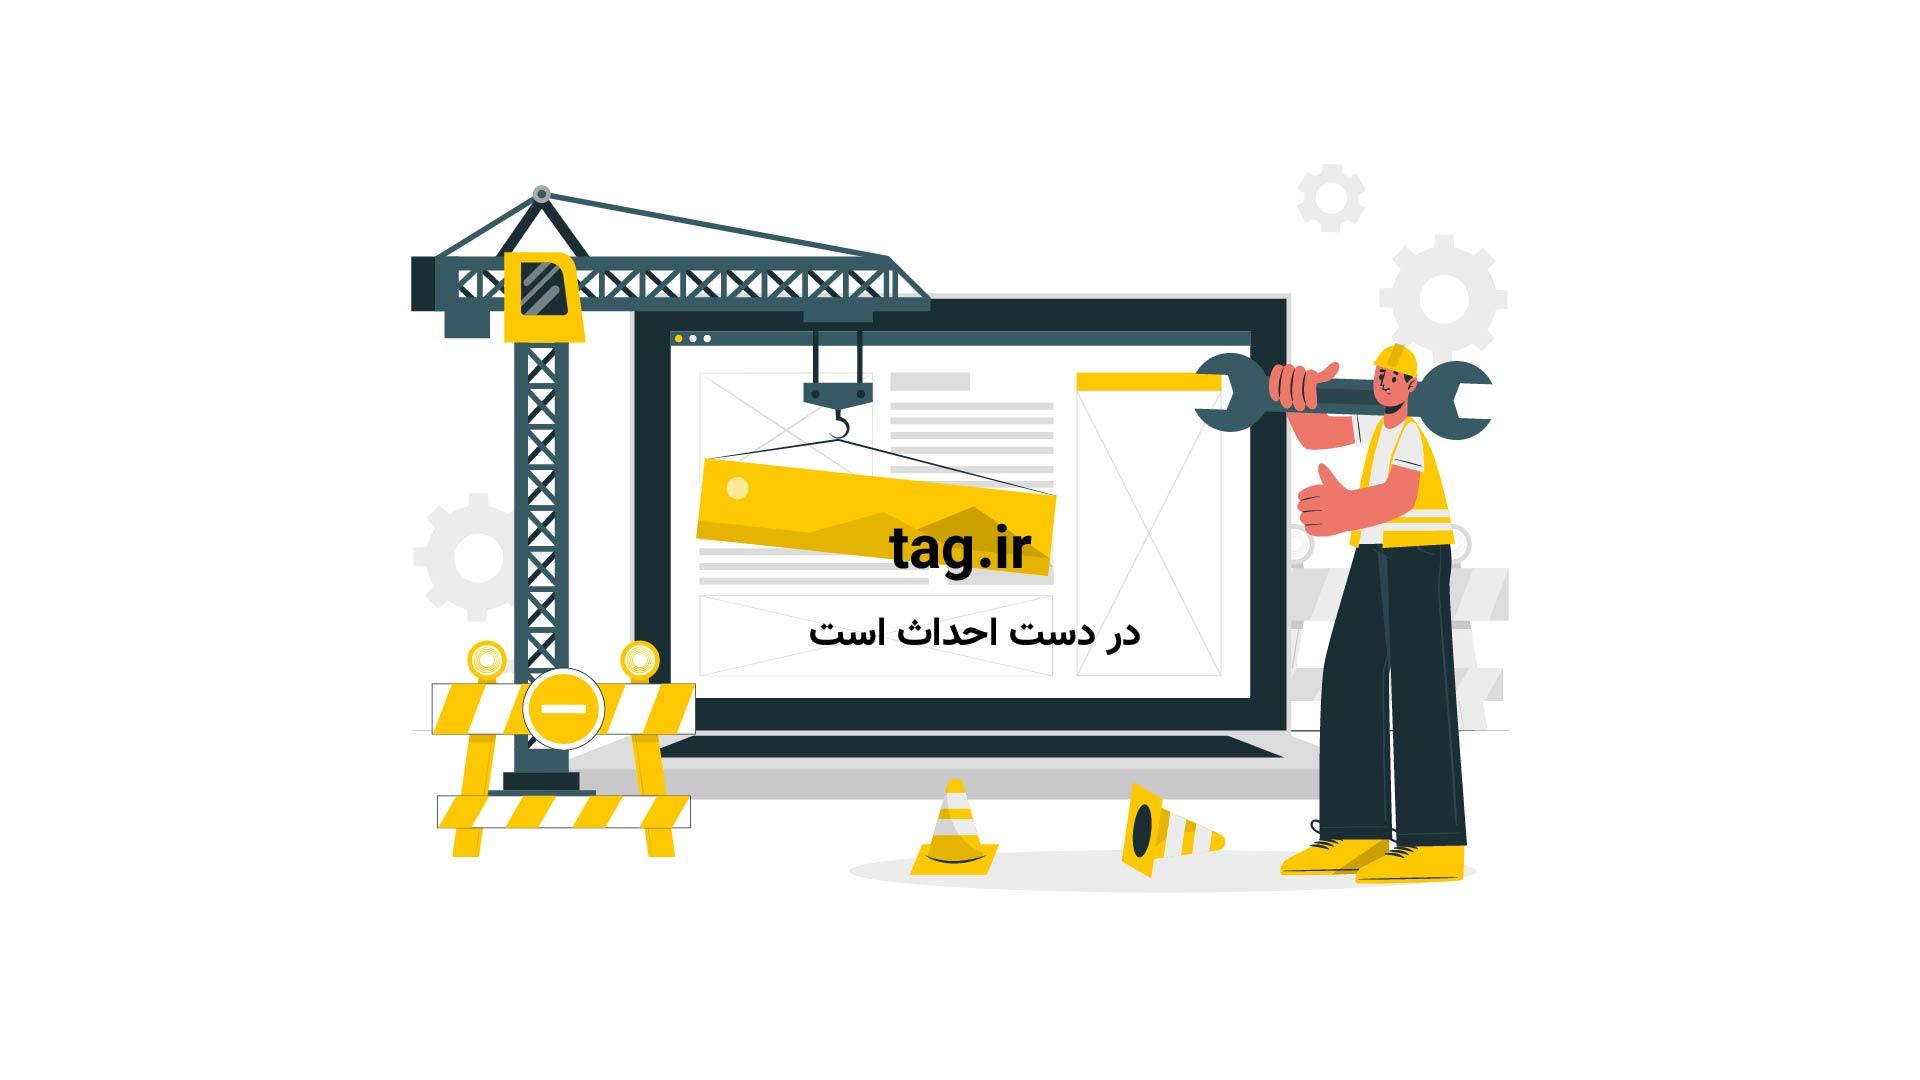 عناوین روزنامههای ورزشی پنجشنبه ۲۷ مهر | فیلم